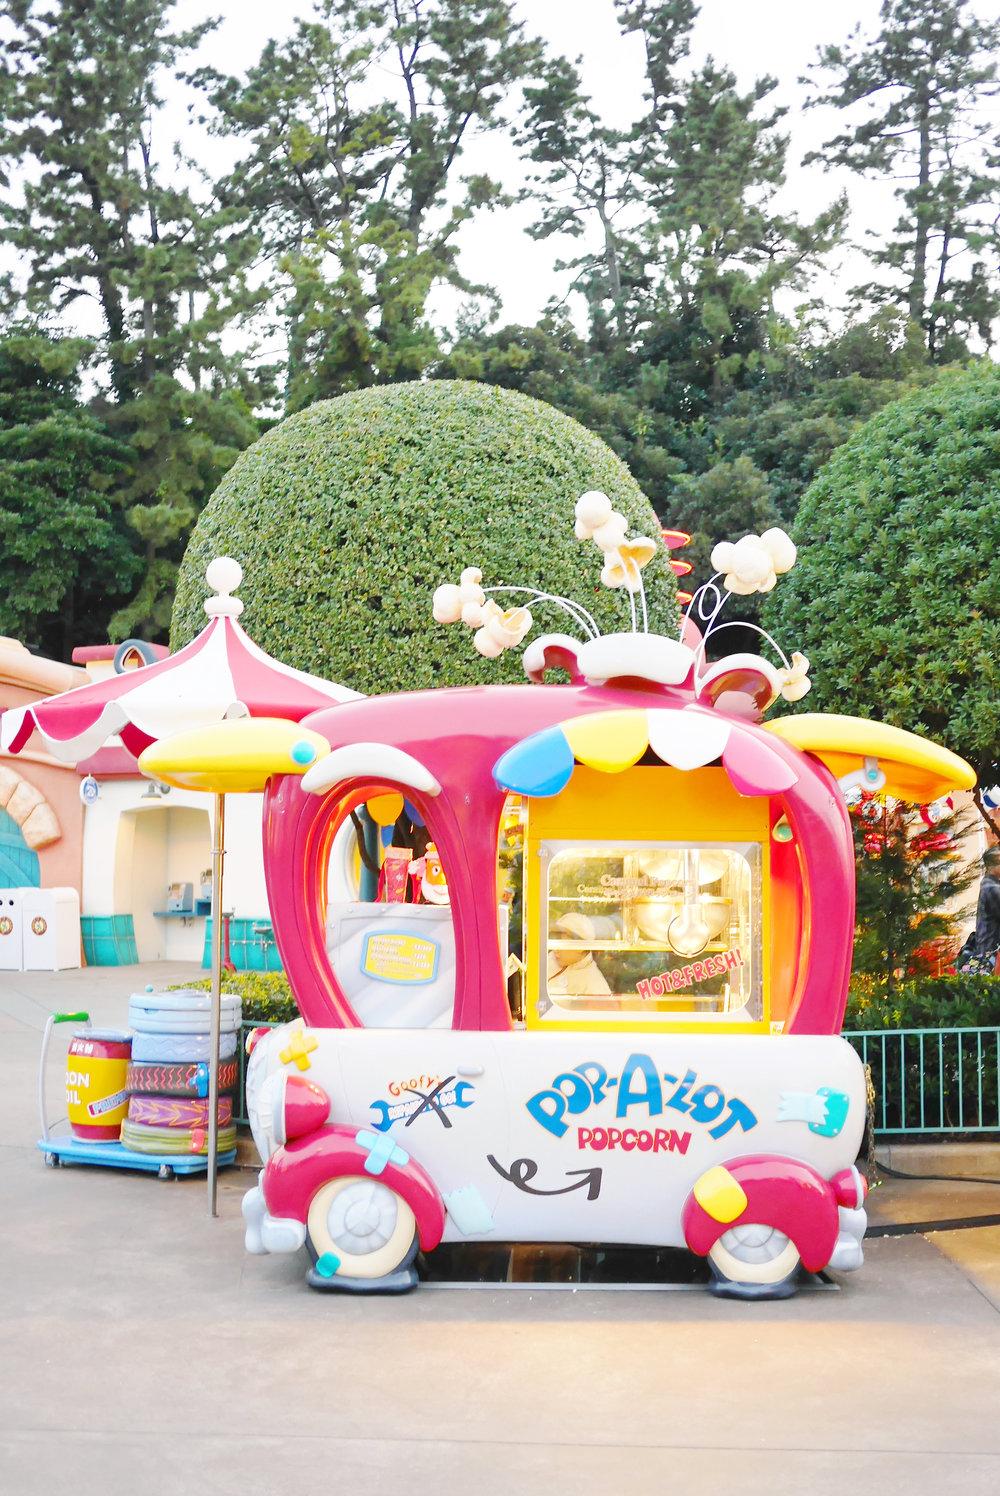 TokyoDisneyland_GunawanMelisa58